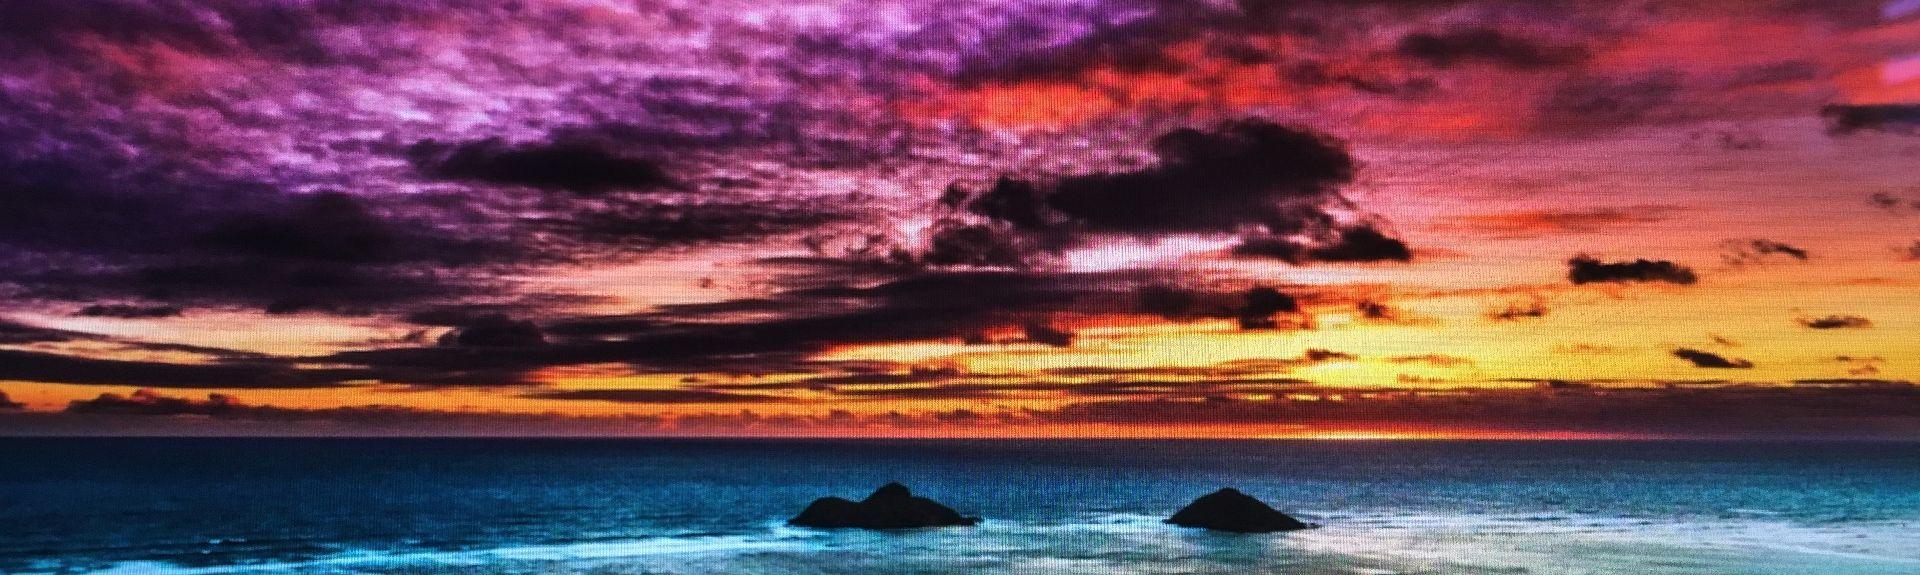 Kāne'ohe Bay, Kaneohe, Hawaii, Stati Uniti d'America